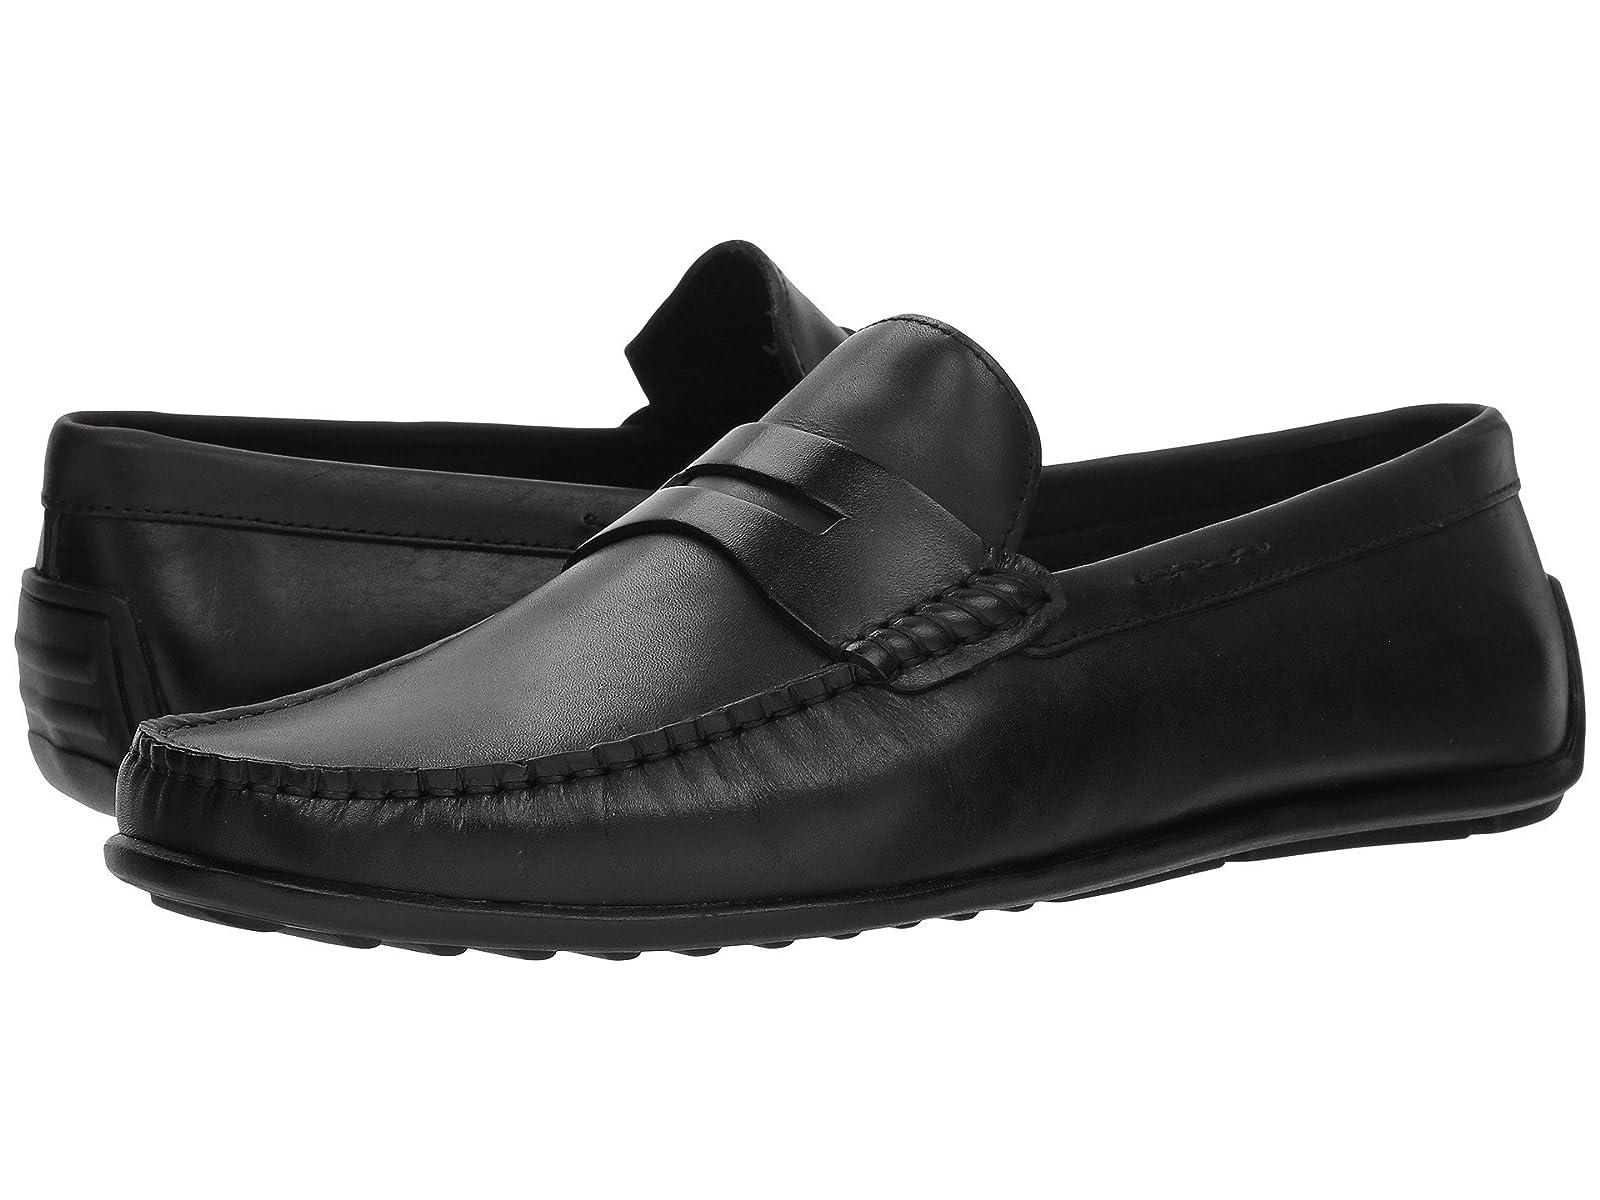 Donald J Pliner Igor 2Atmospheric grades have affordable shoes